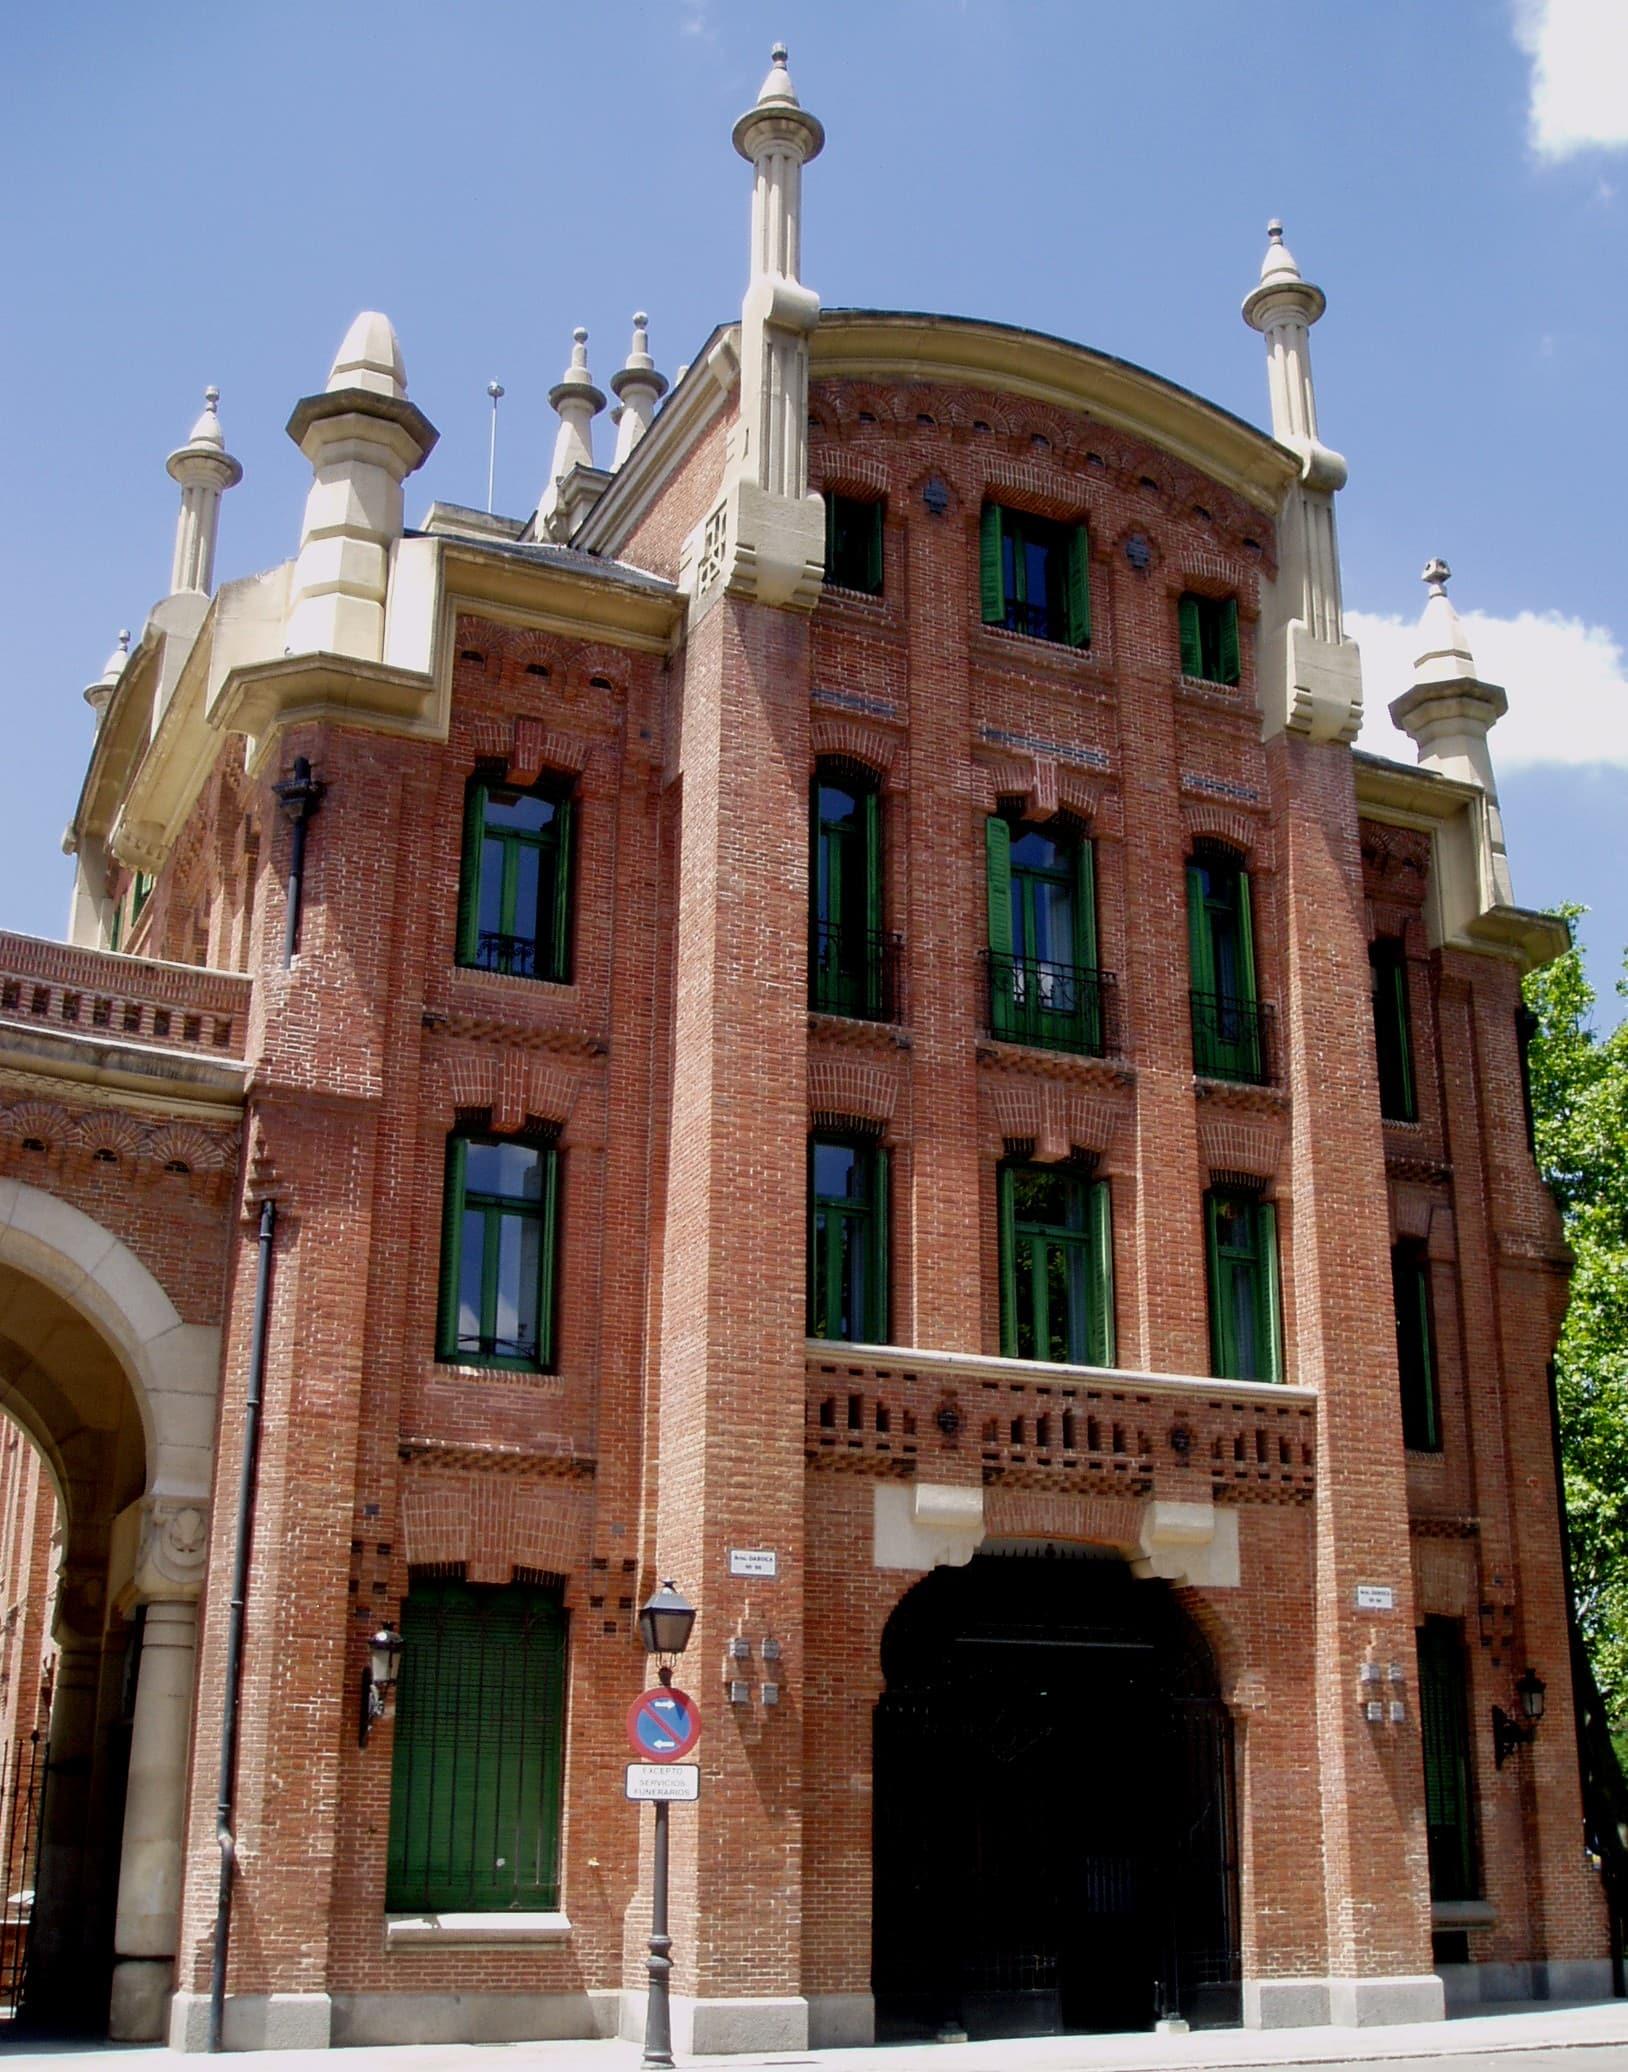 Uno de los edificios situados a ambos lados del pórtico de entrada.